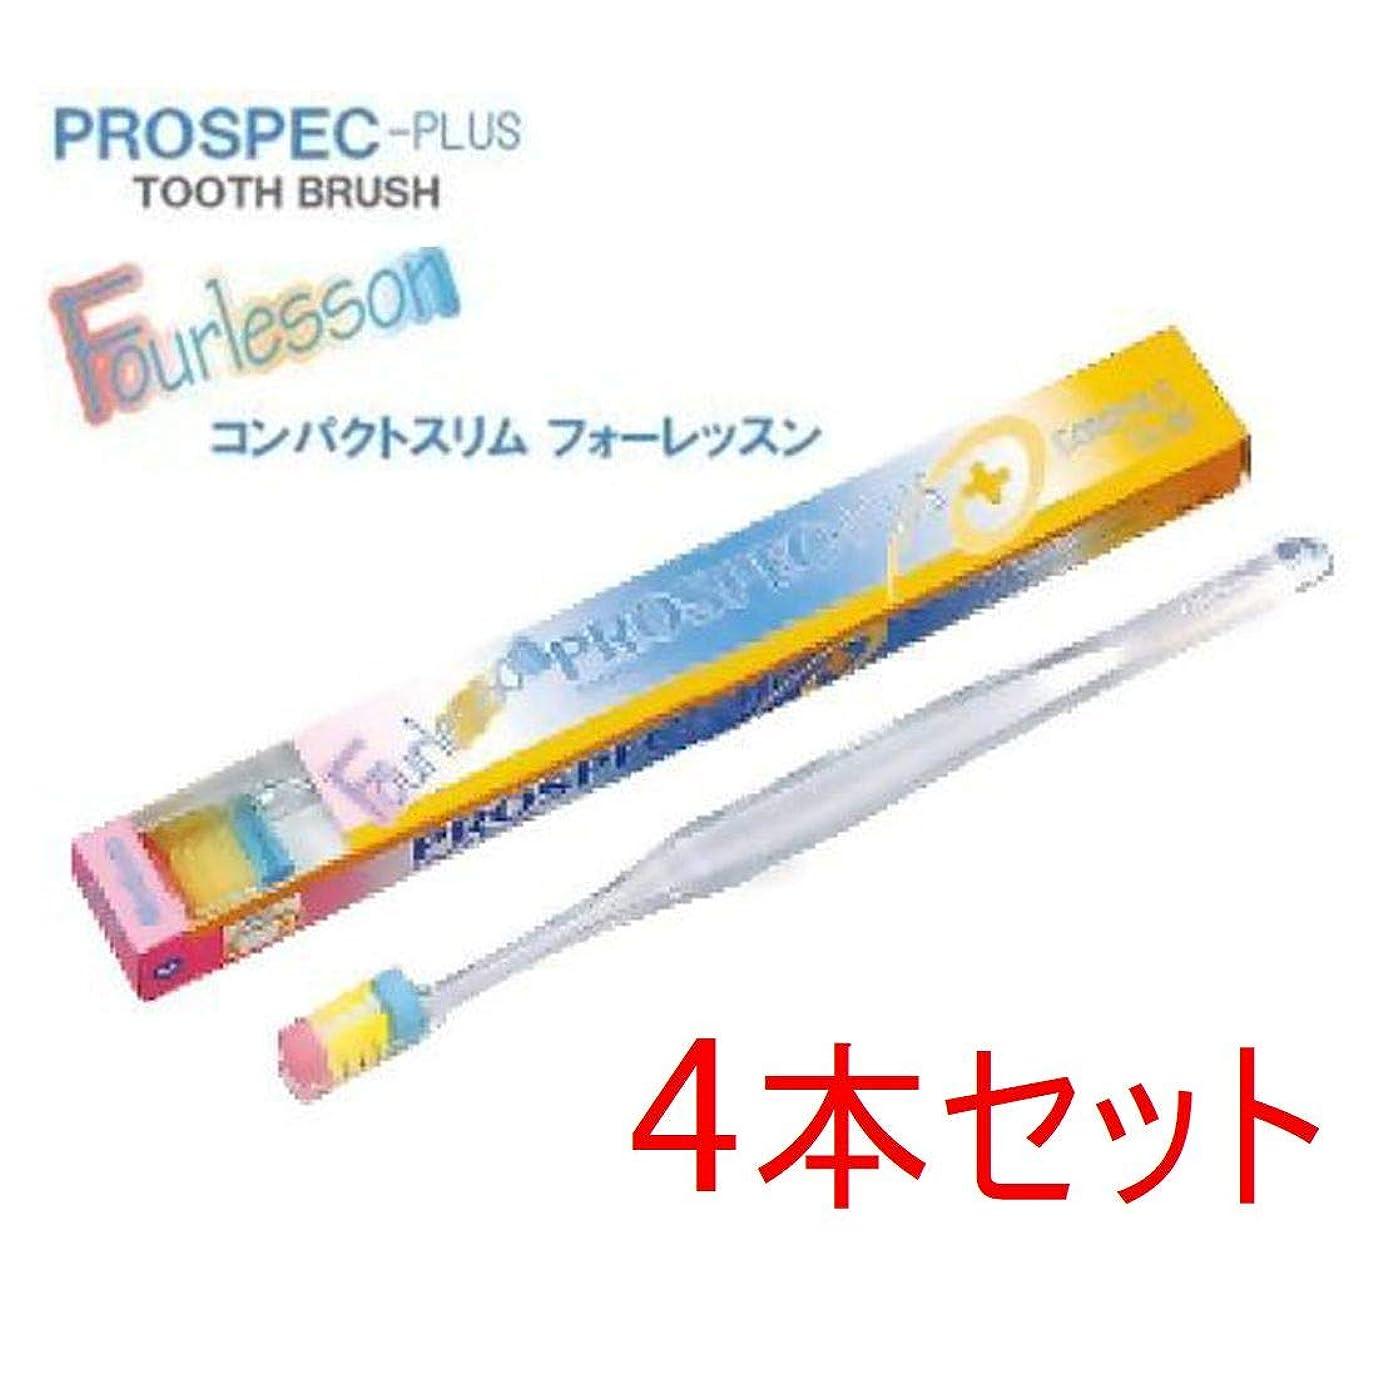 届ける可能性不屈プロスペック 歯ブラシ コンパクトスリム 4本 フォーレッスン 毛の硬さ ふつう